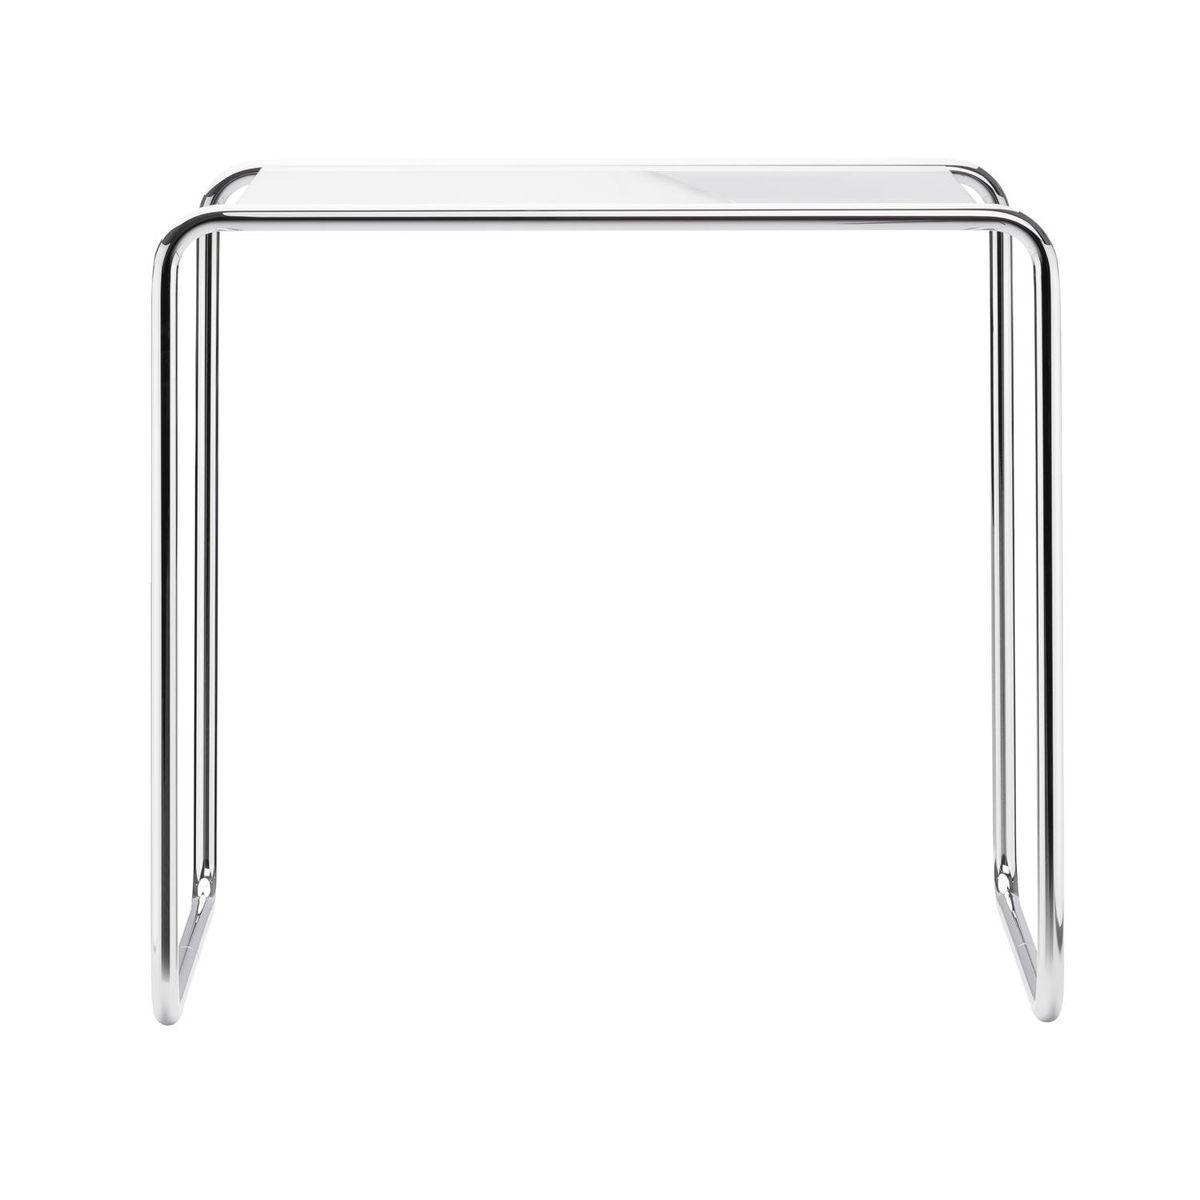 Beistelltisch glas weiß  Thonet B9 Beistelltisch Glas   Thonet   AmbienteDirect.com